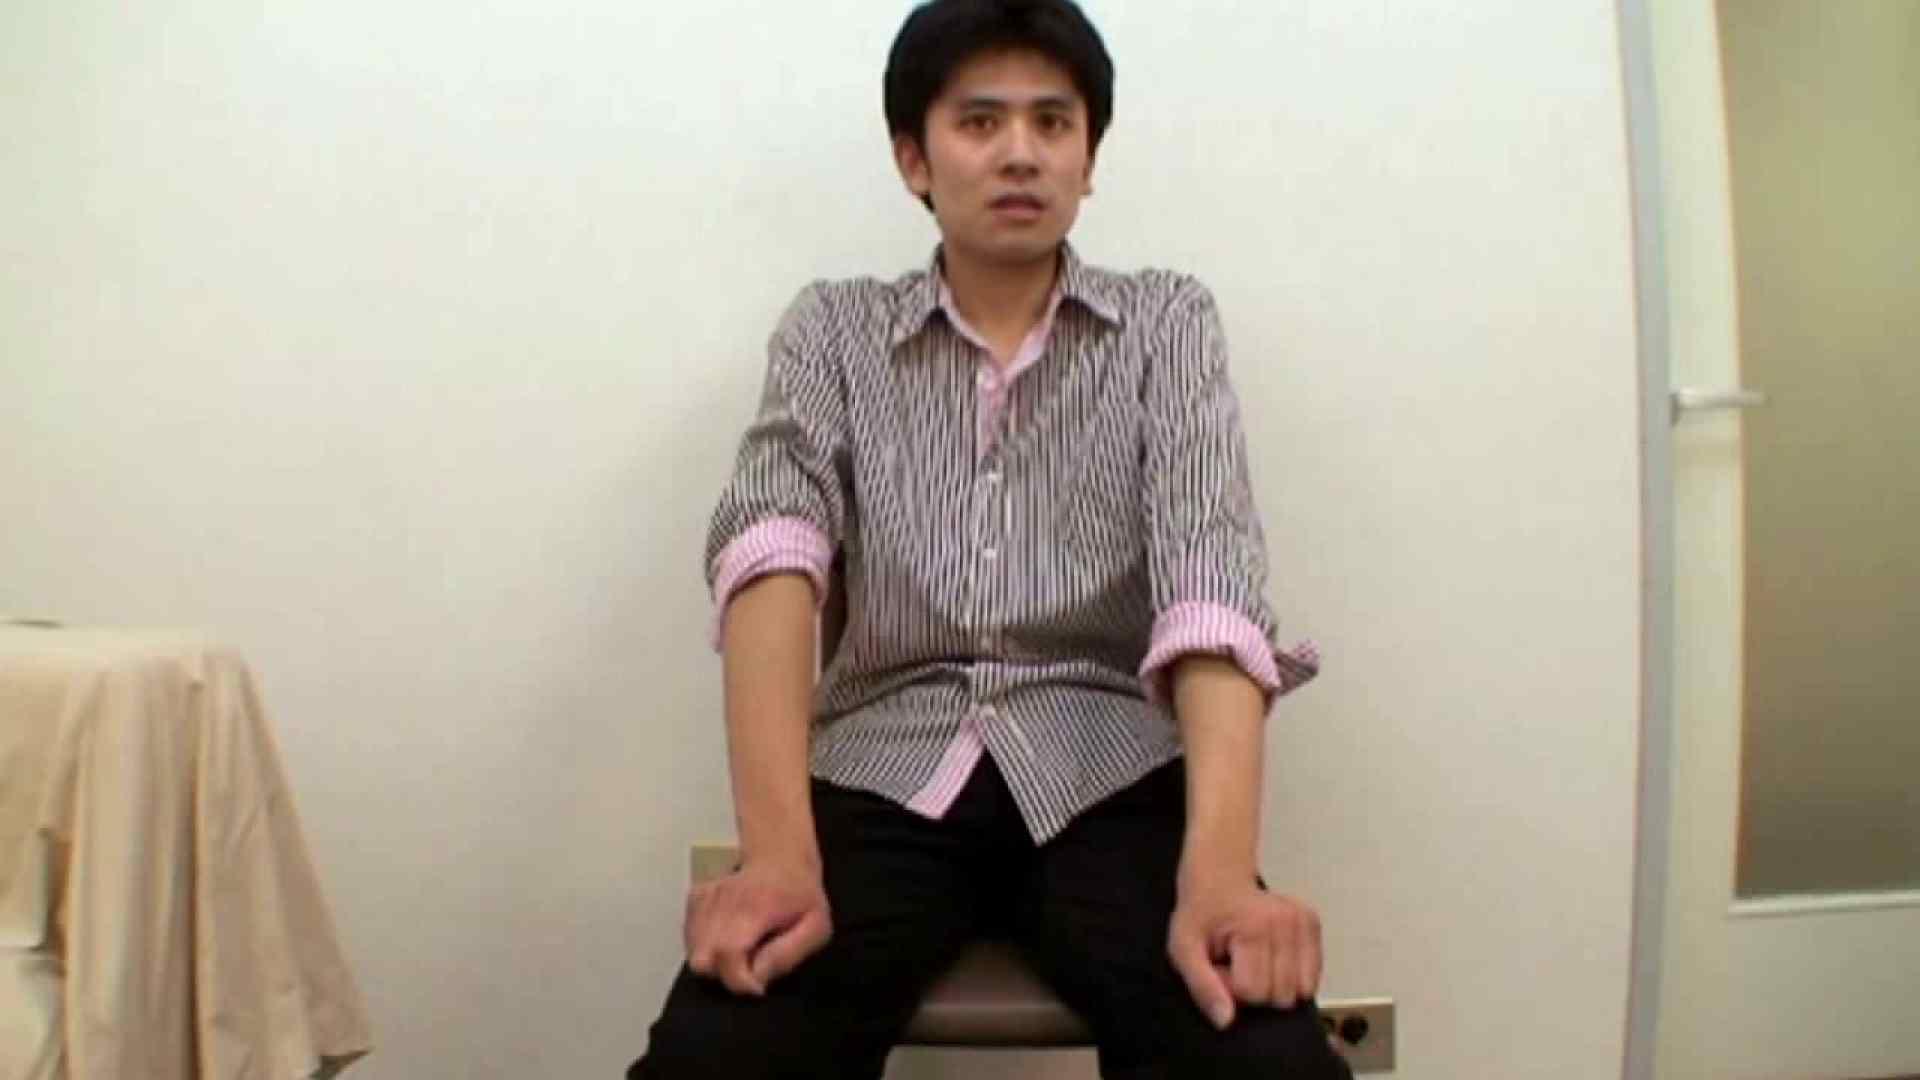 ノンケ!自慰スタジオ No.32 悪戯動画 ゲイエロ画像 92pic 40